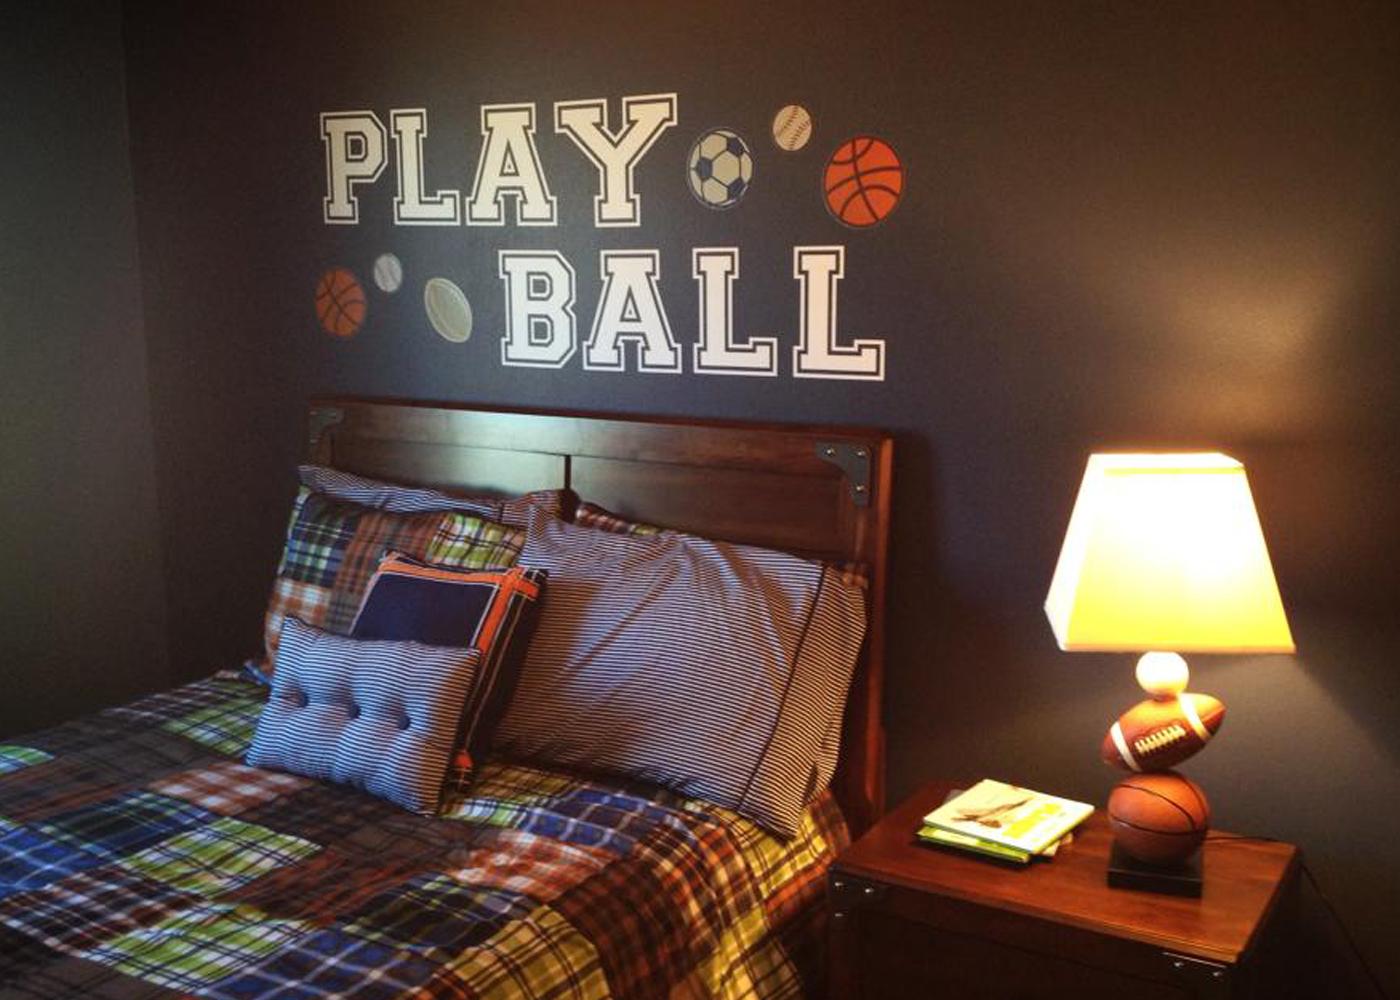 play-ball-boys-wall-decal-in-bedroom.jpg